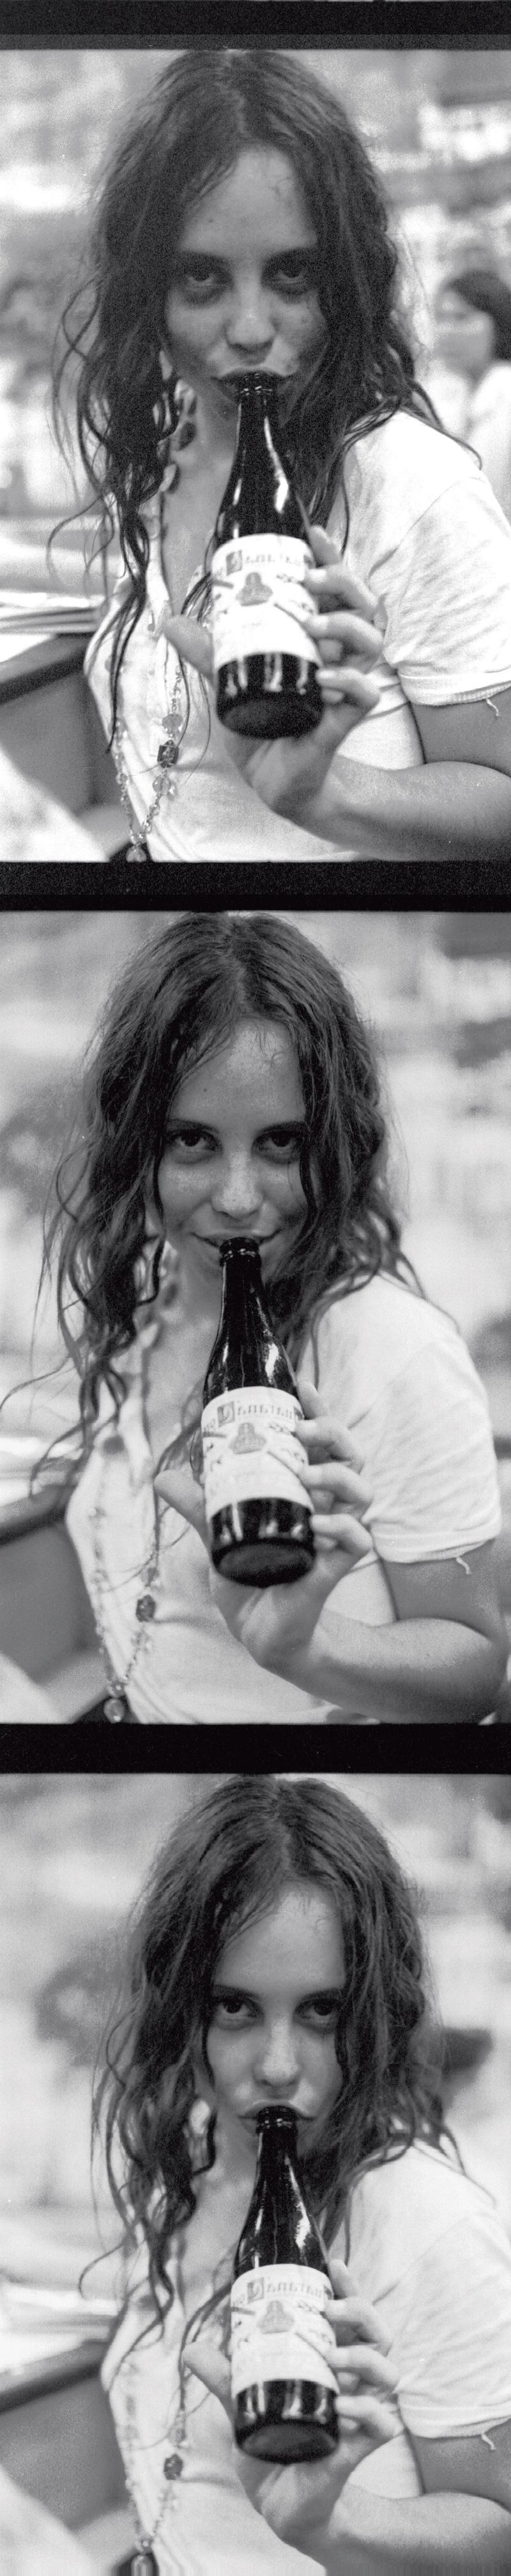 Baby Consuelo na boquinha da garrafa